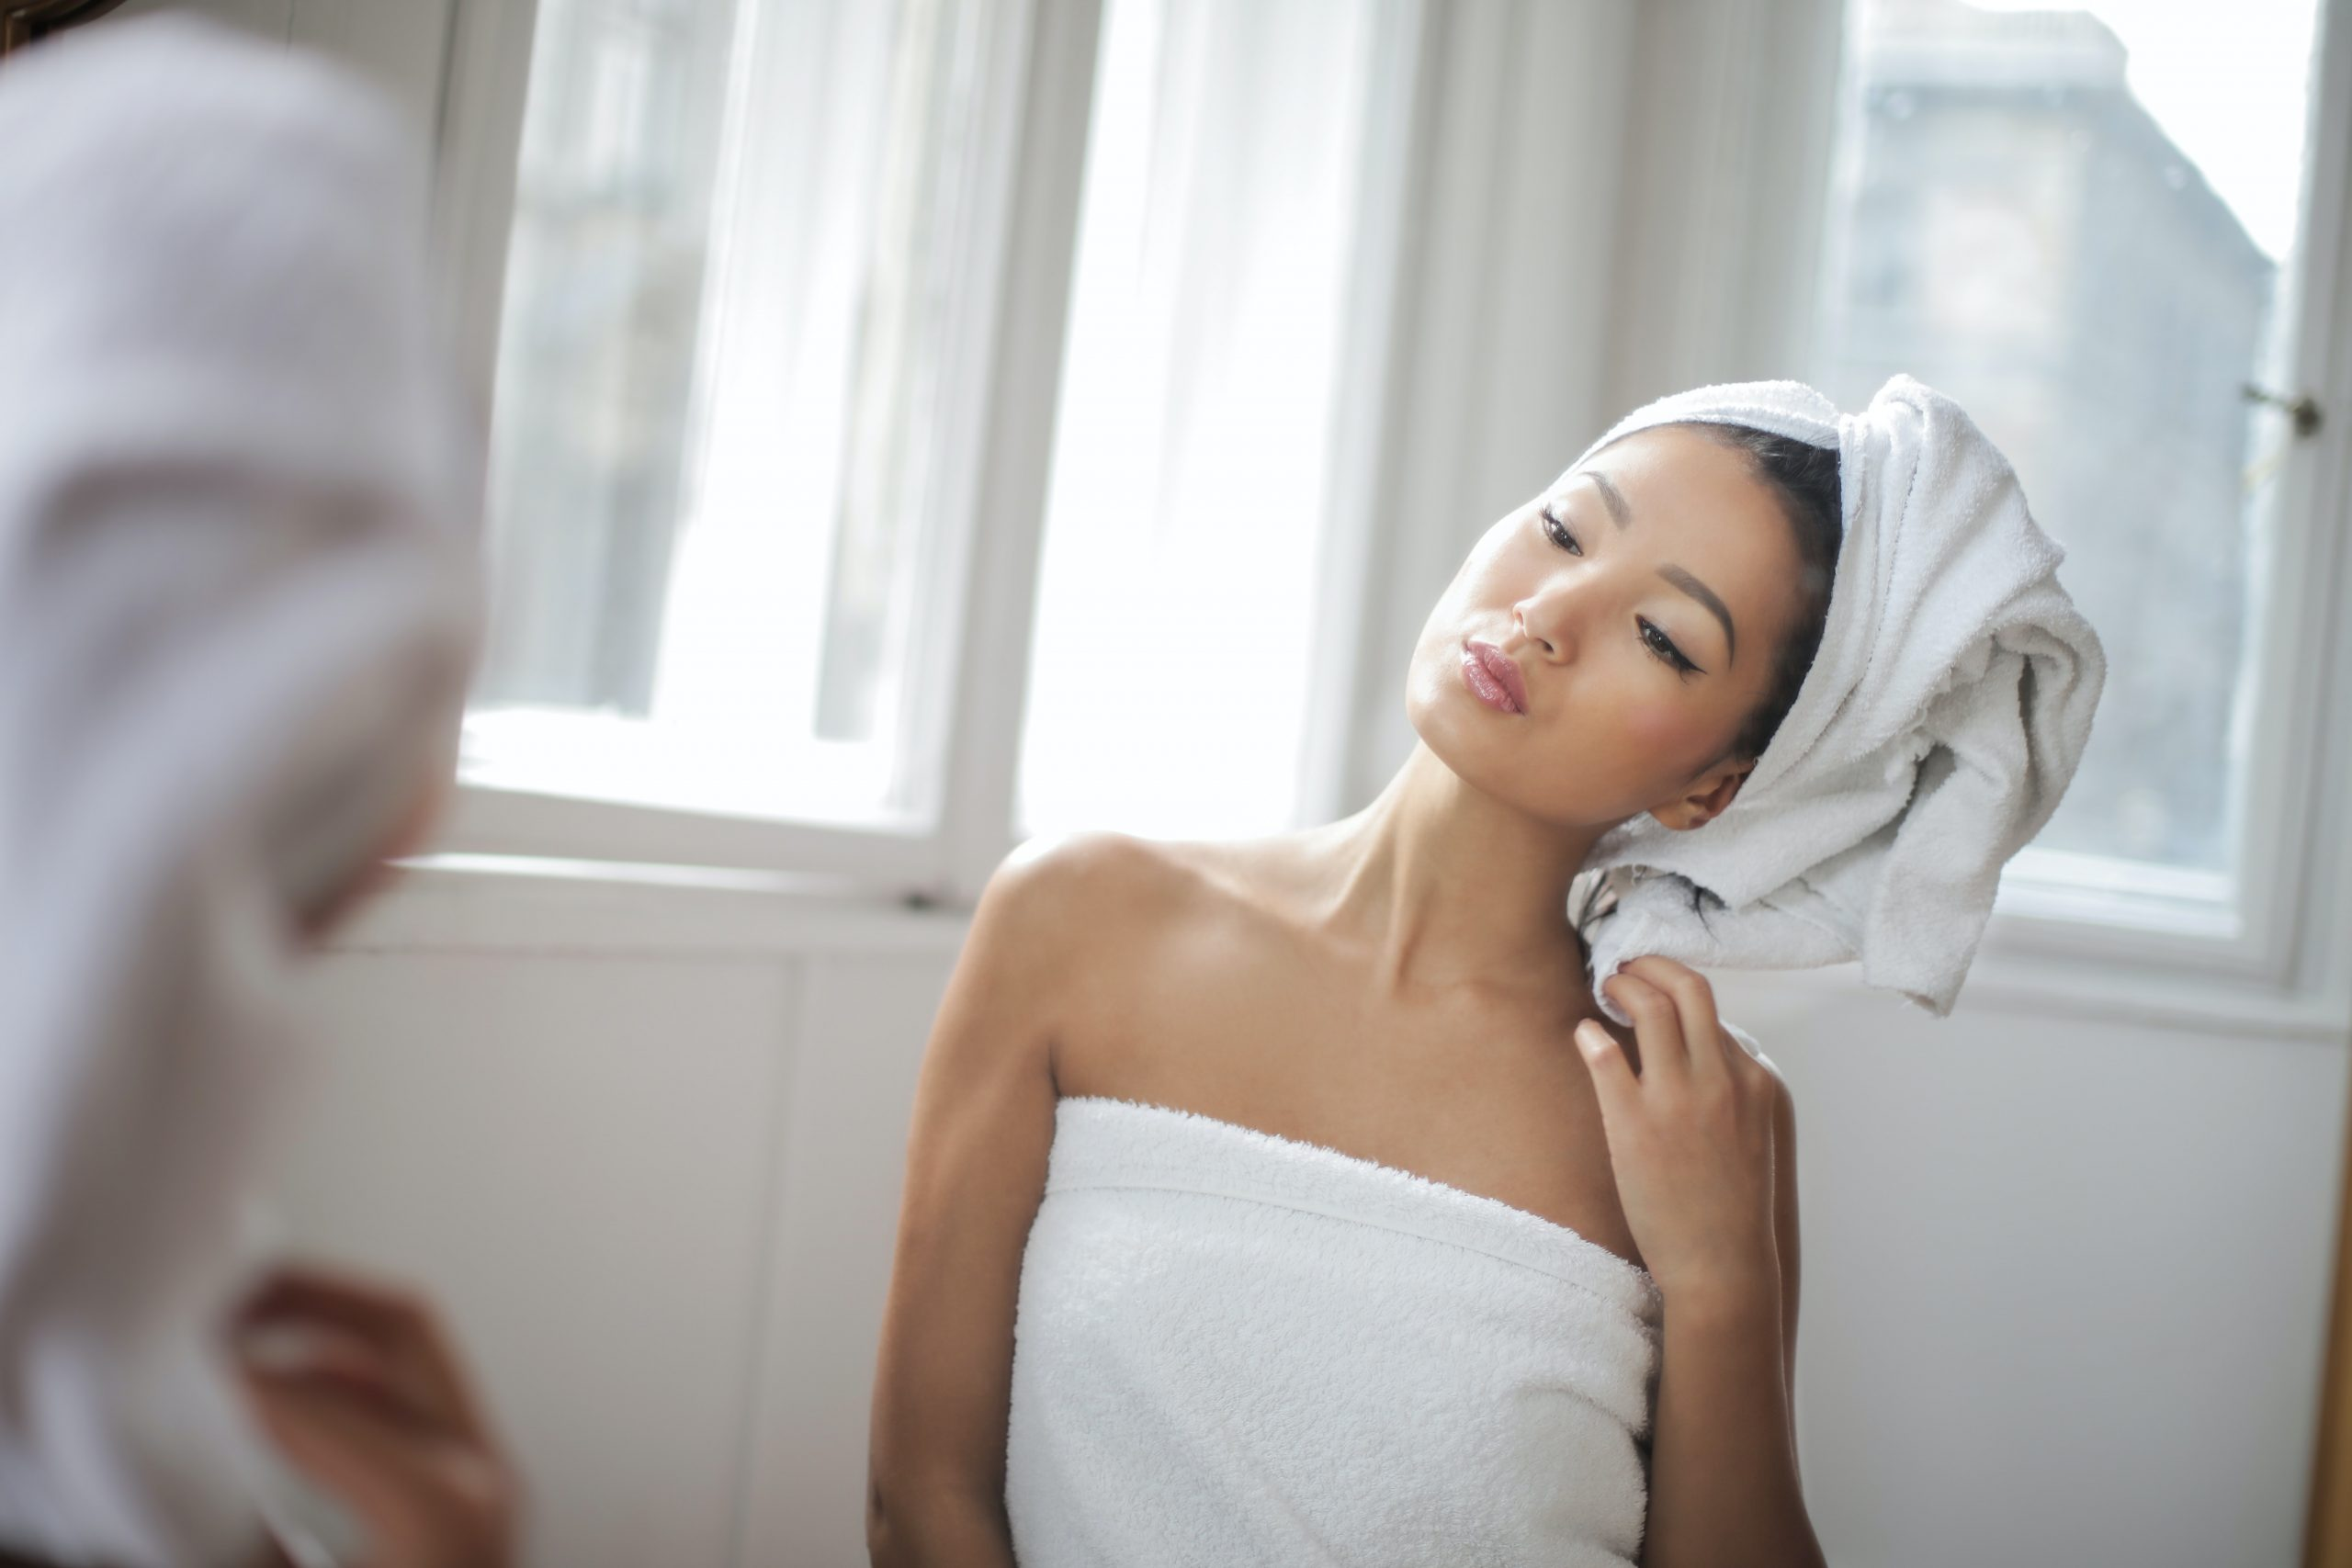 Imagem de uma mulher enrolada em uma toalha.